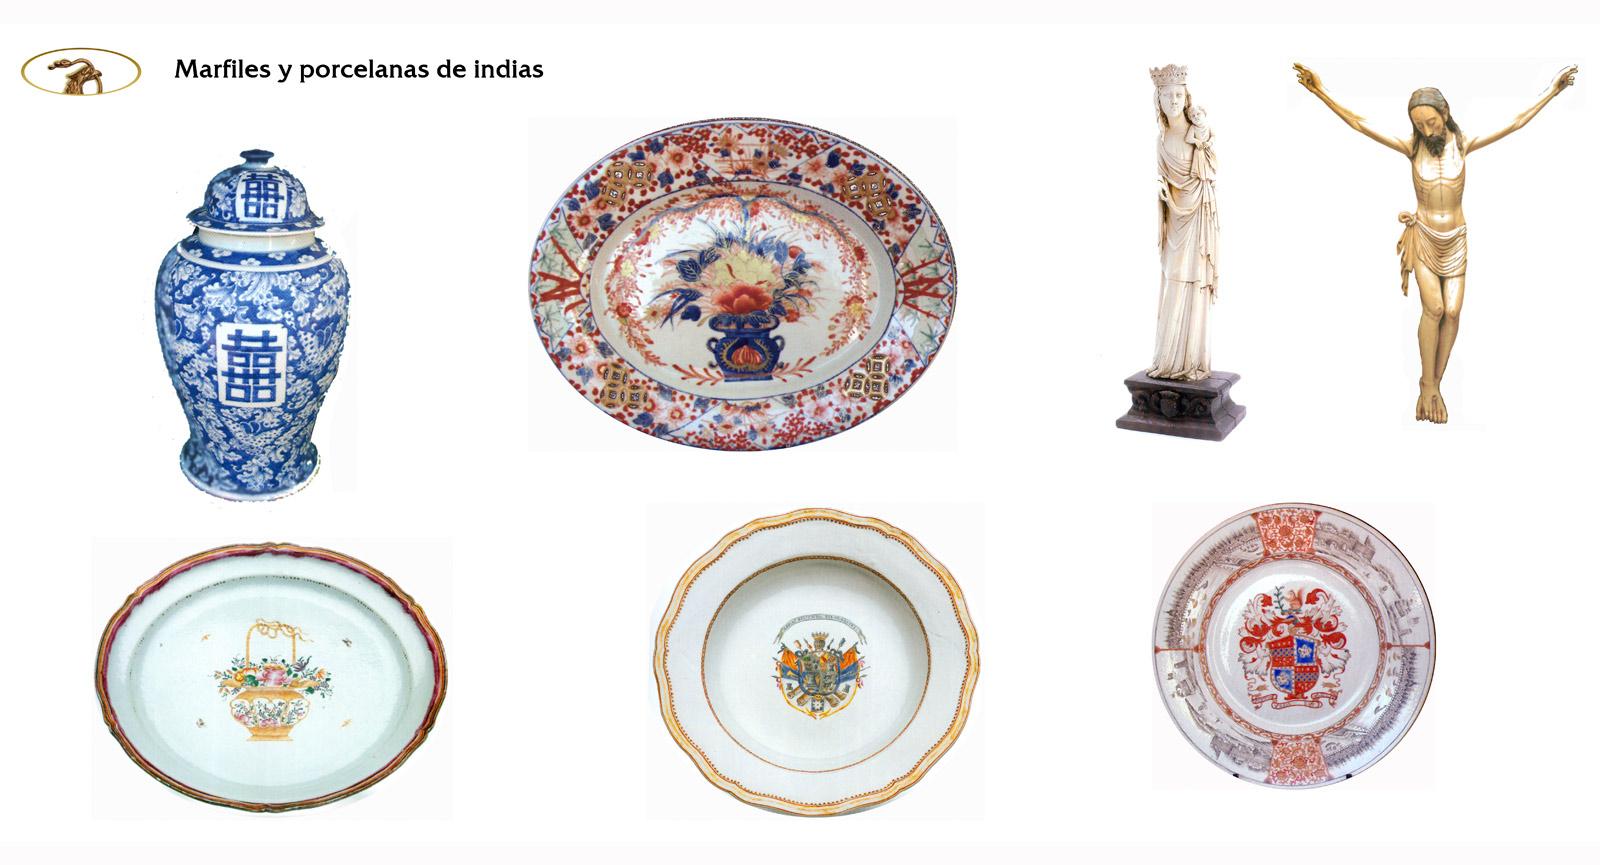 Marfiles y porcelanas de oriente